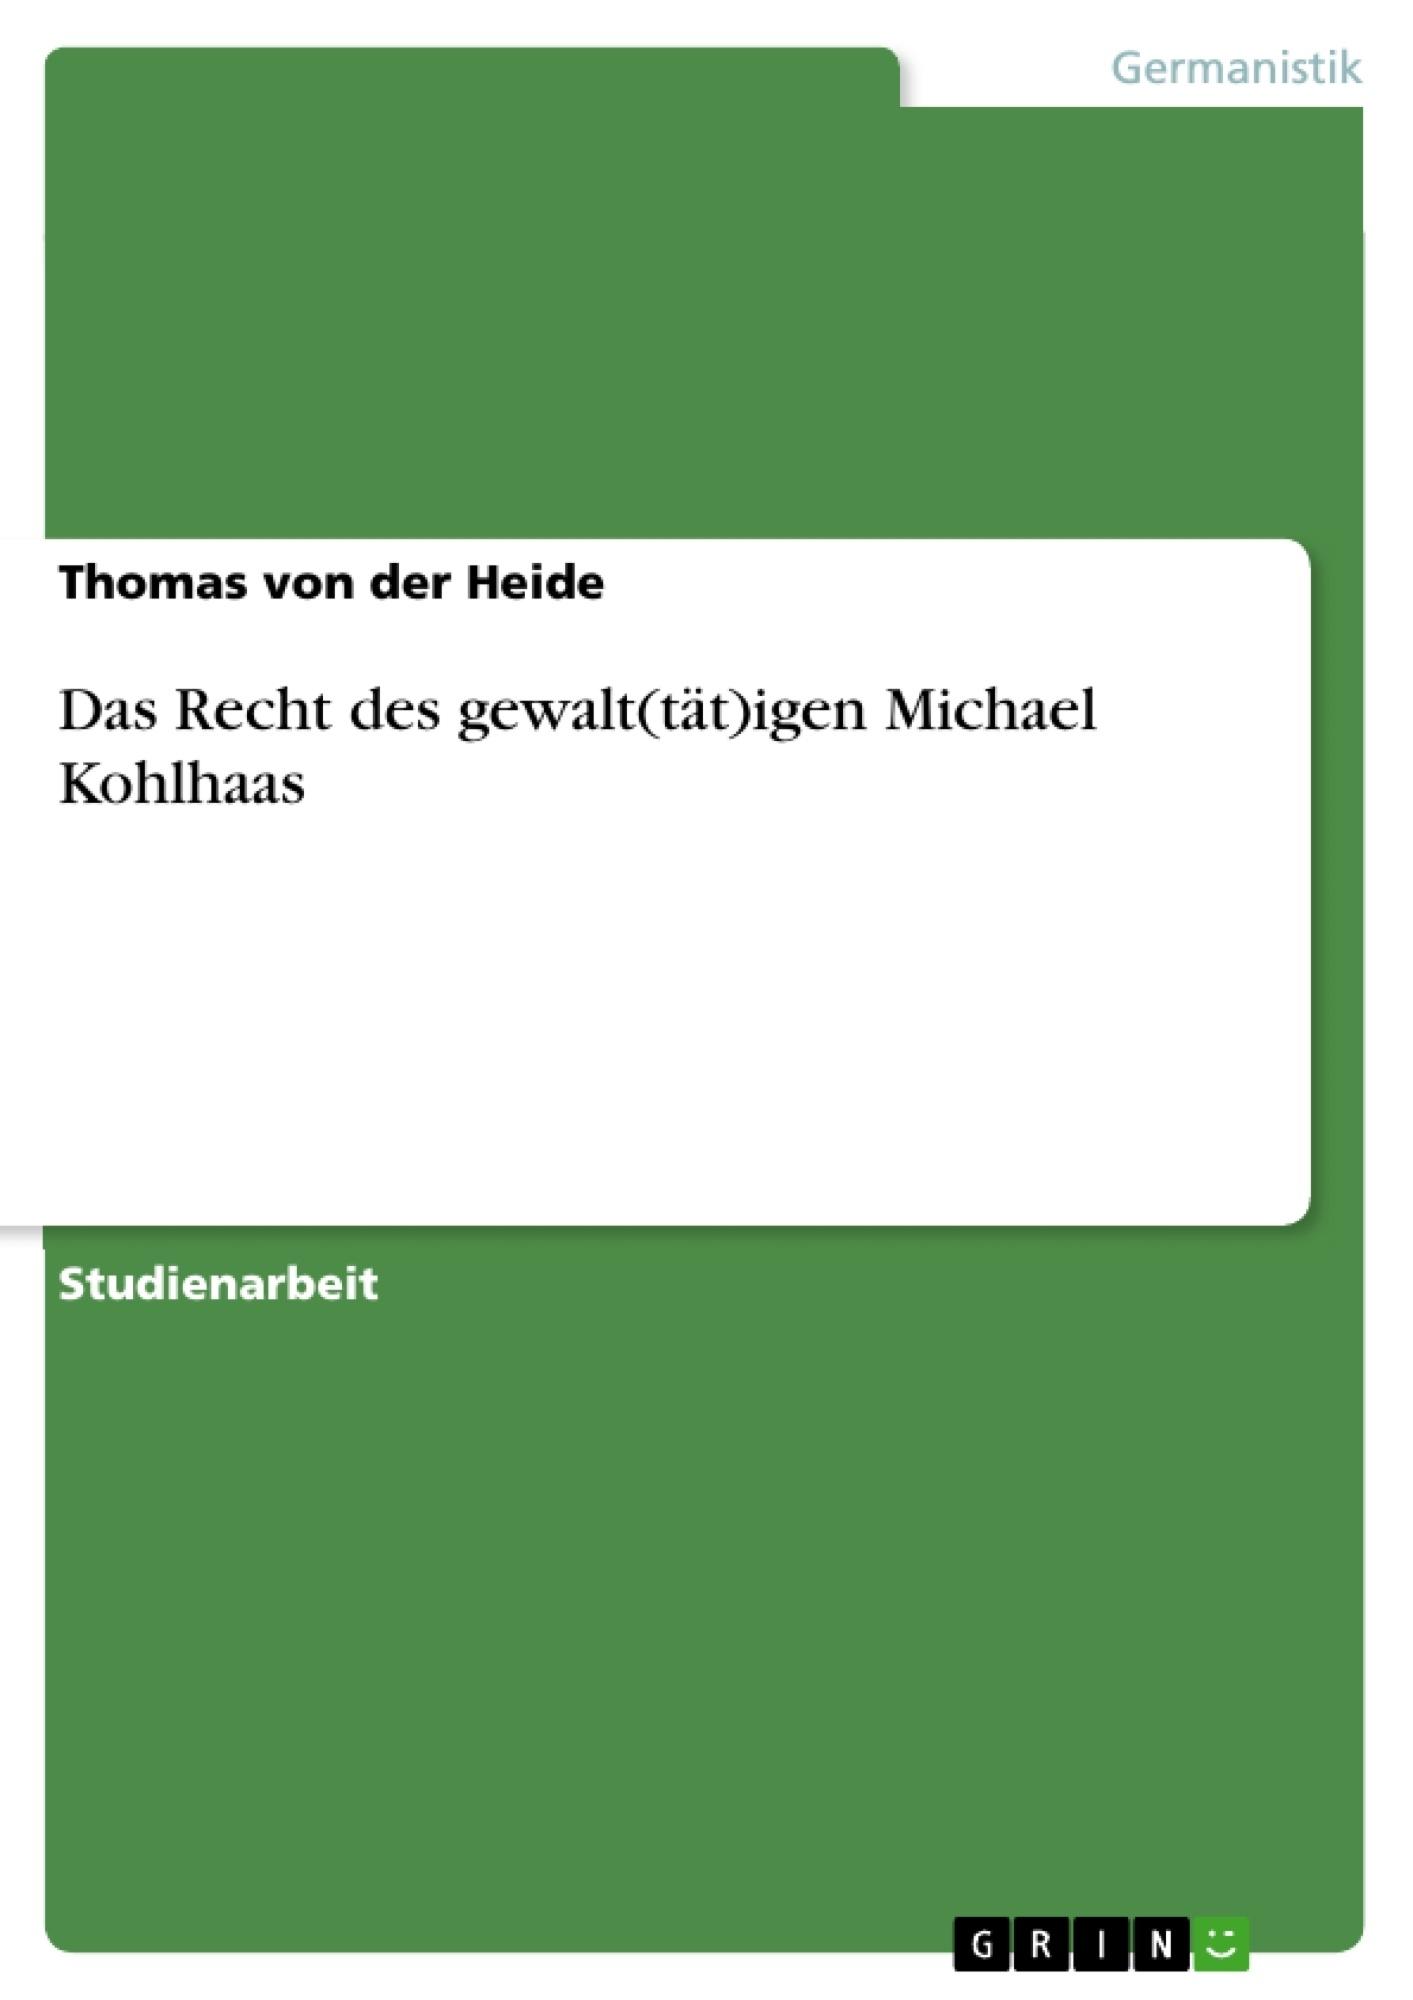 Titel: Das Recht des gewalt(tät)igen Michael Kohlhaas